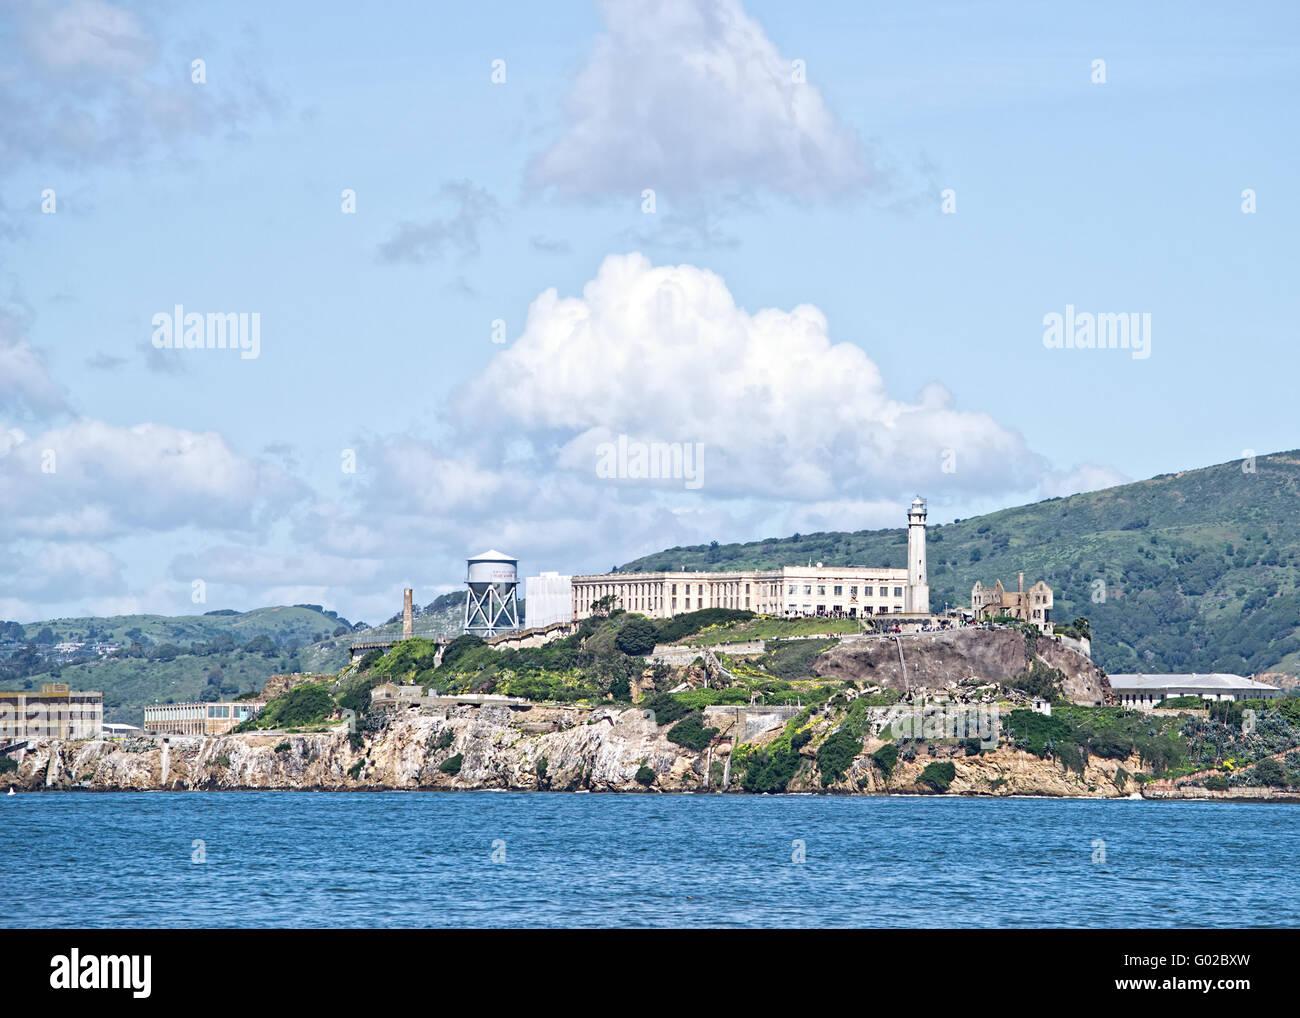 La isla de Alcatraz, visto desde el embarcadero Foto de stock